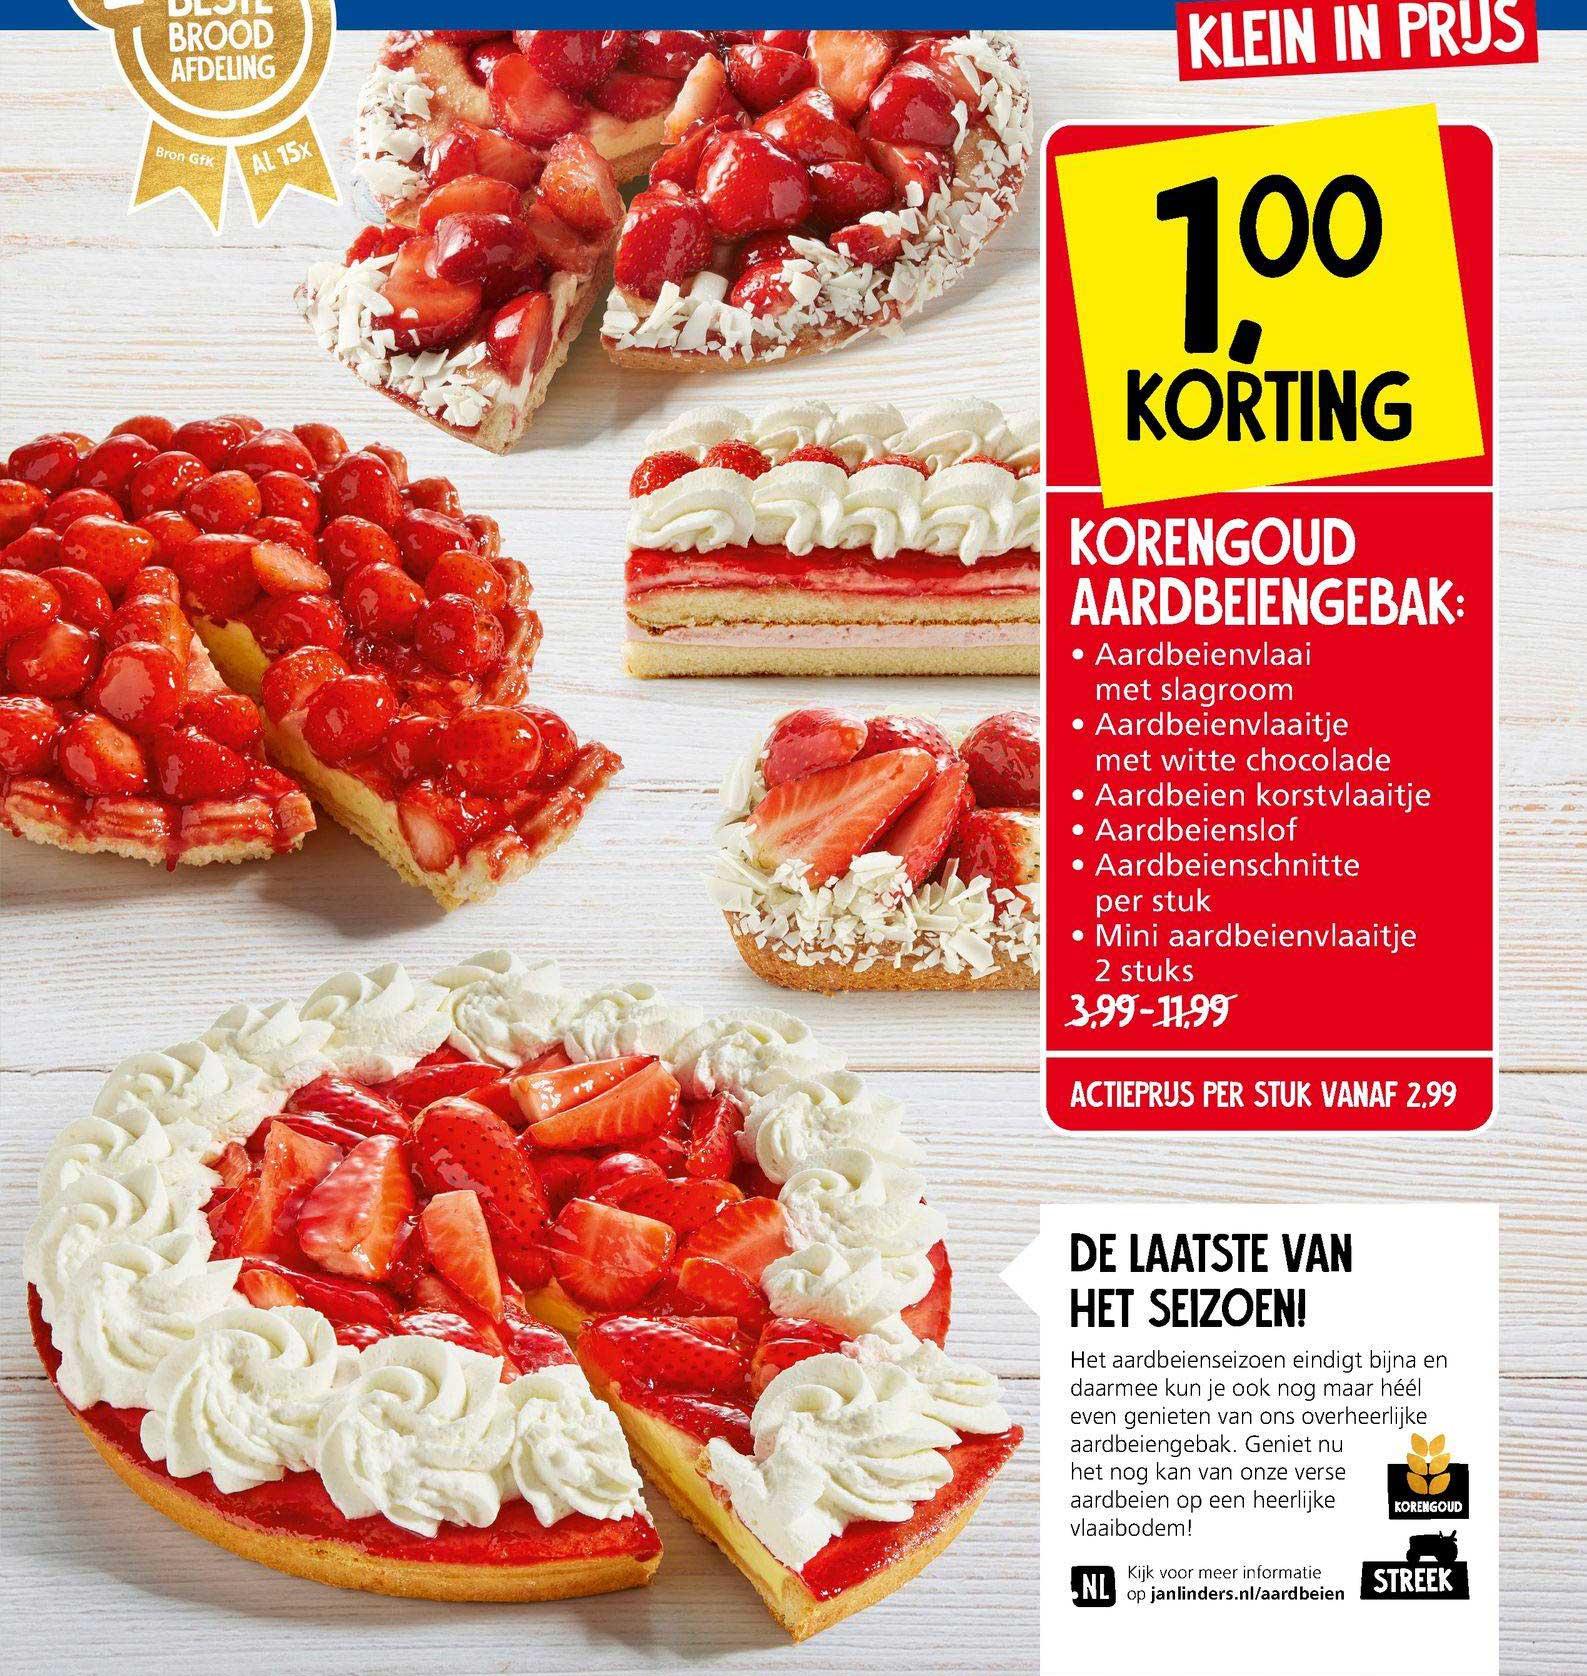 Jan Linders Korengoud Aardbeiengebak: Aardbeienvlaai Met Slagroom, Aardbeienvlaaitje Met Witte Chocolate, Aardbeien Korstvlaaitje, Aardbeienslof, Aardbeienschnitte Of Mini Aardbeienvlaaitje